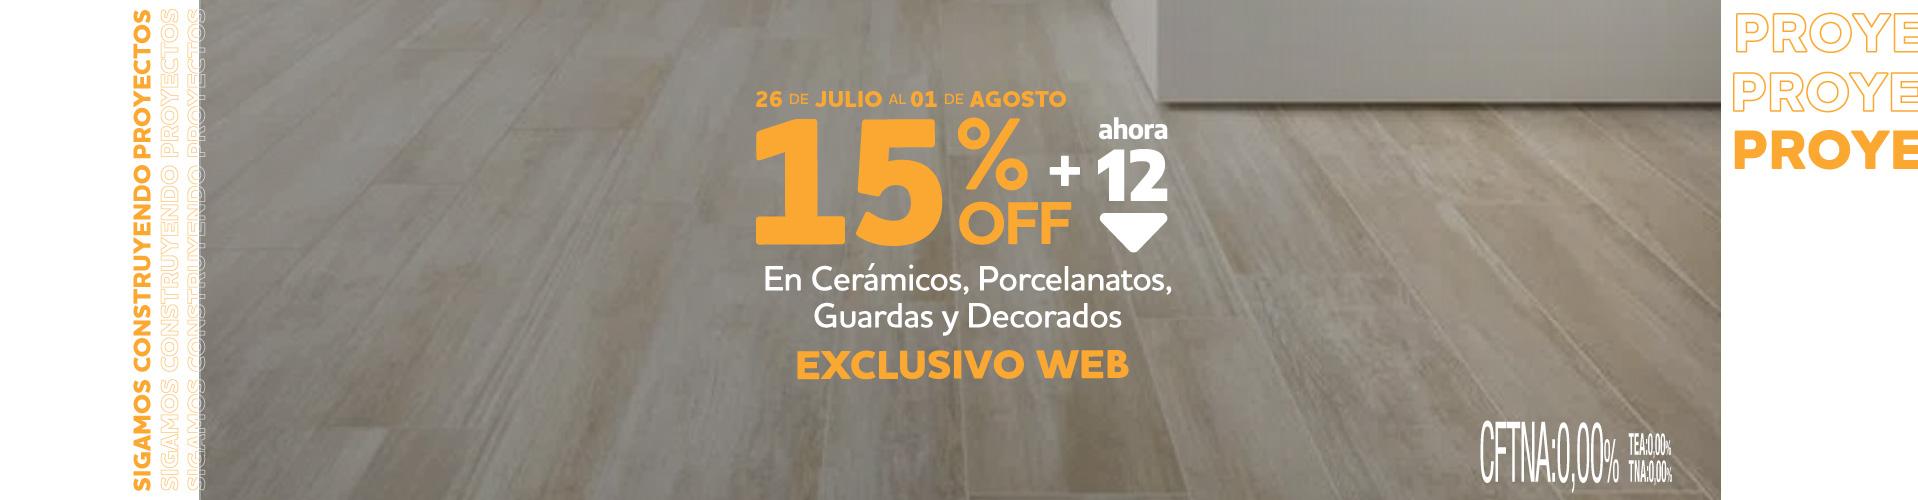 15% PISOS EXCLUSIVO WEB 26 JUL AL 1 AGO